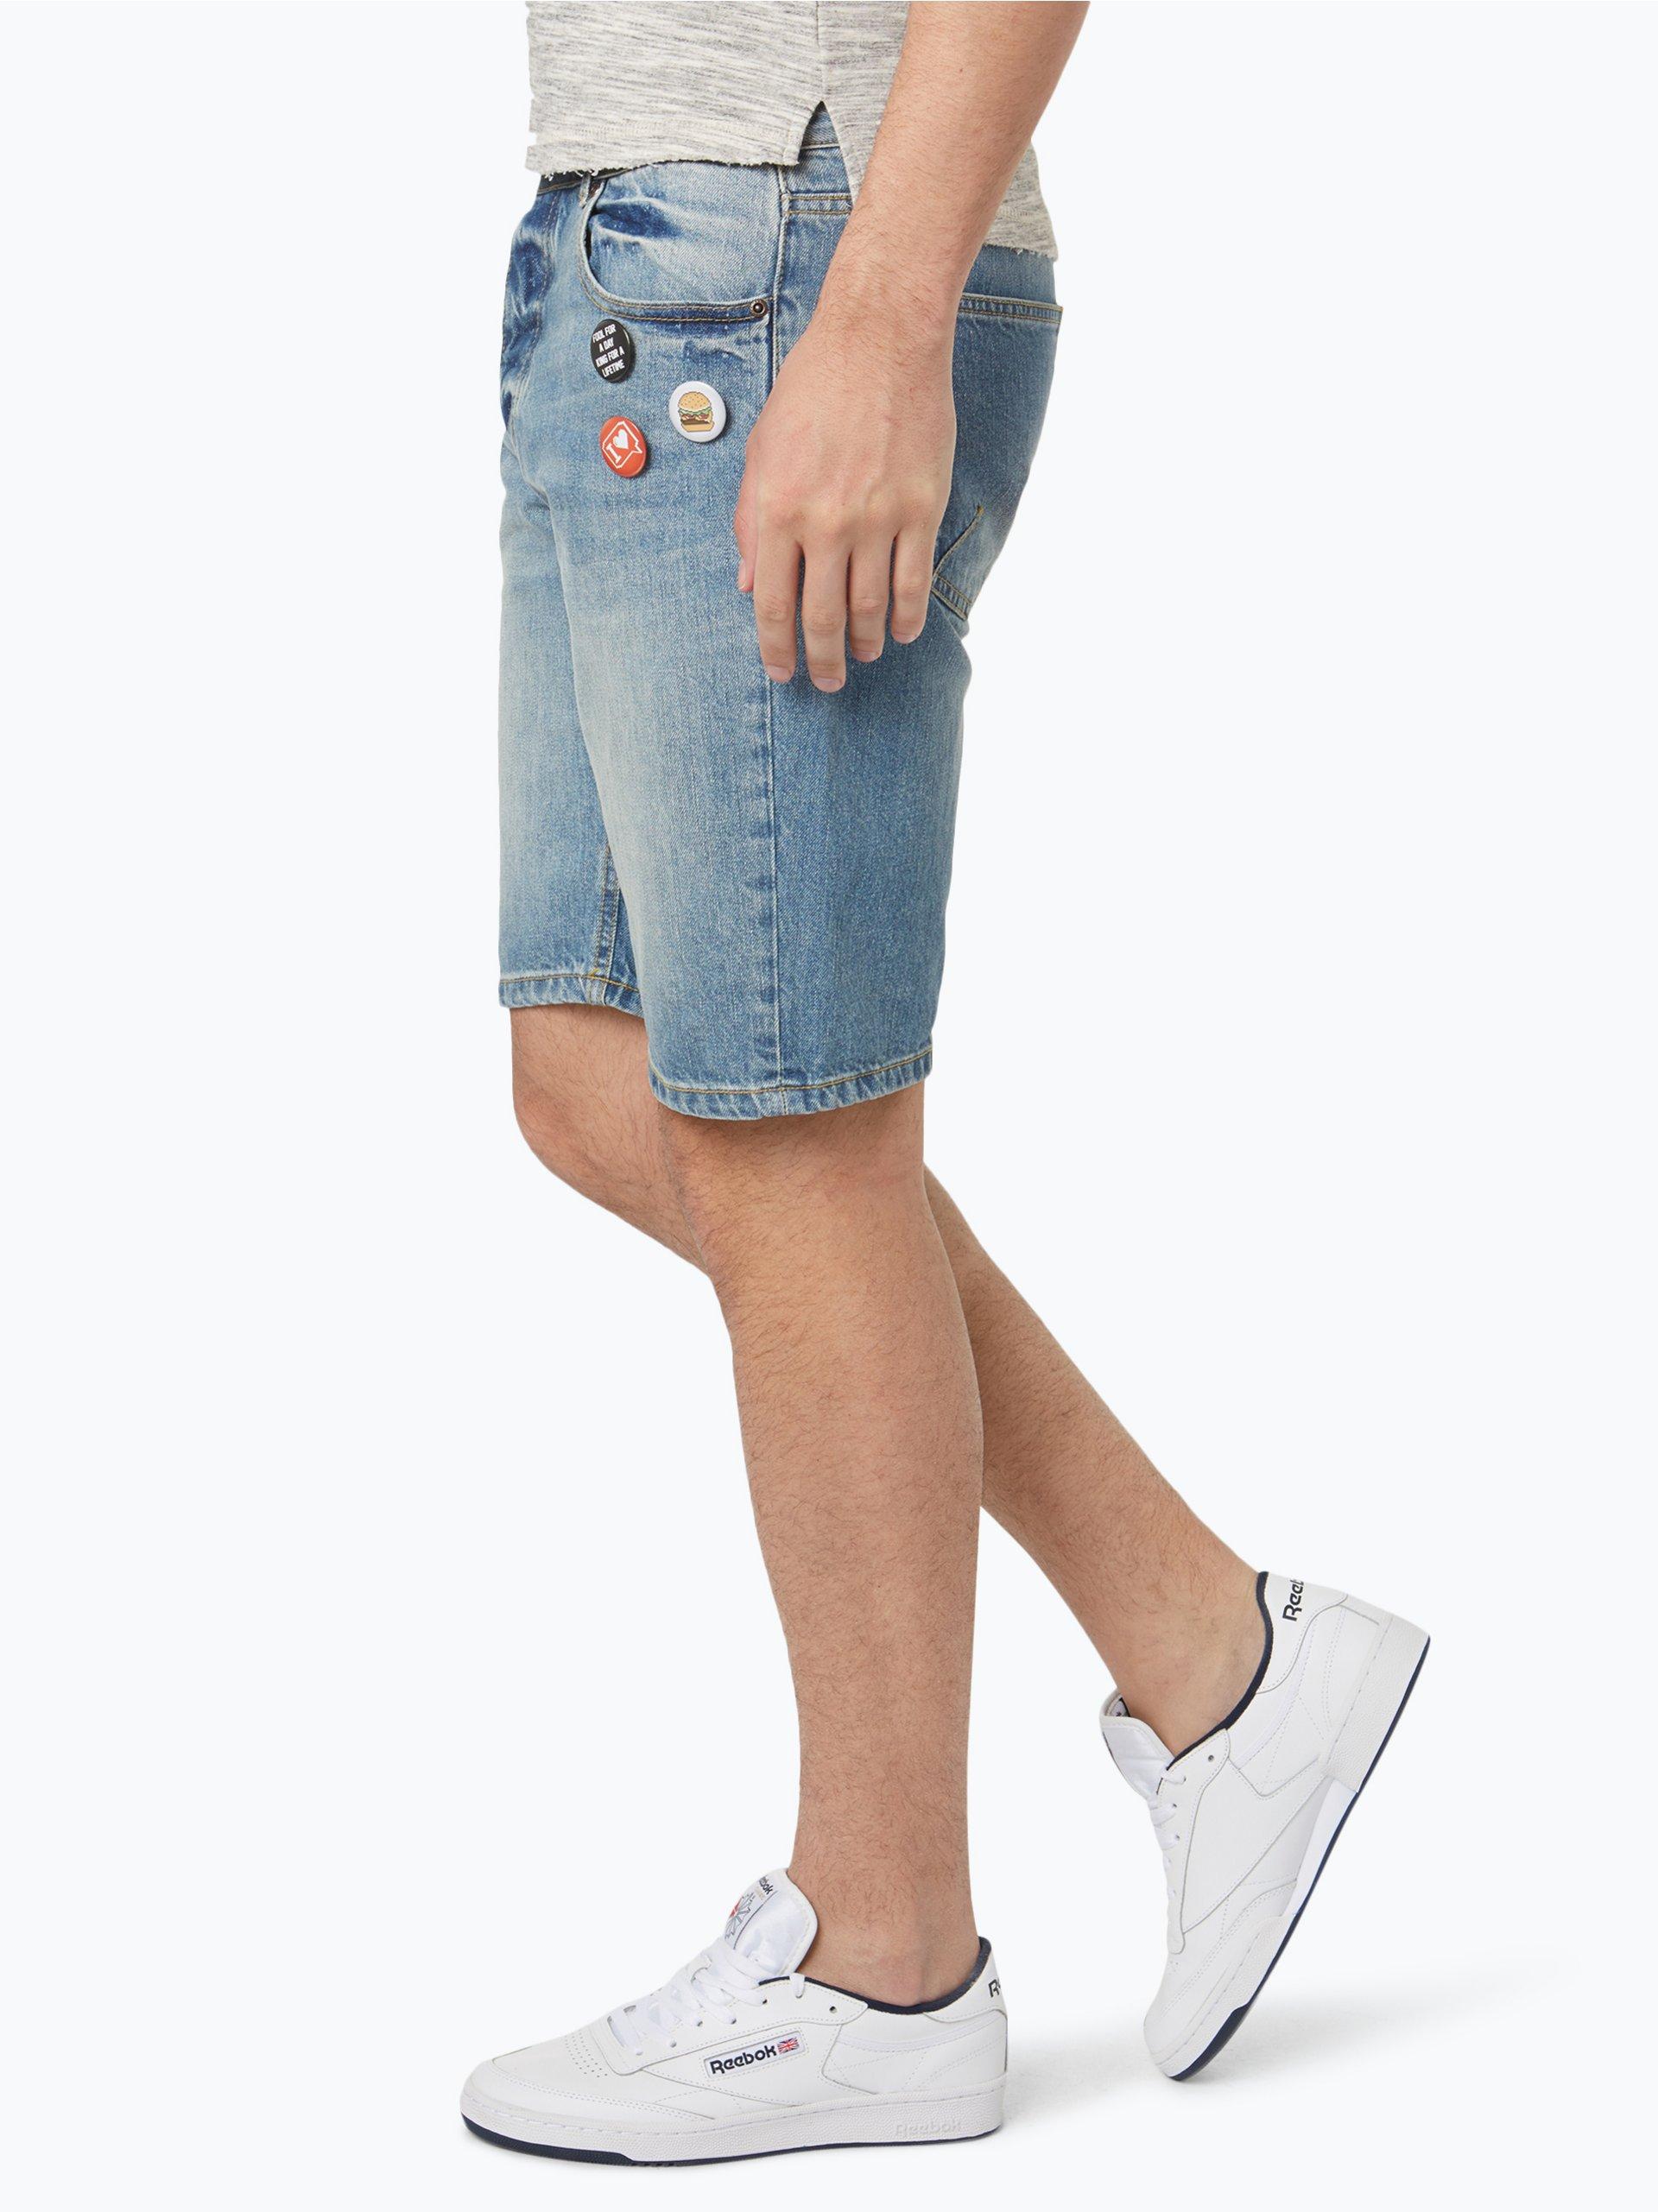 review herren jeans bermuda indigo uni online kaufen peek und cloppenburg de. Black Bedroom Furniture Sets. Home Design Ideas